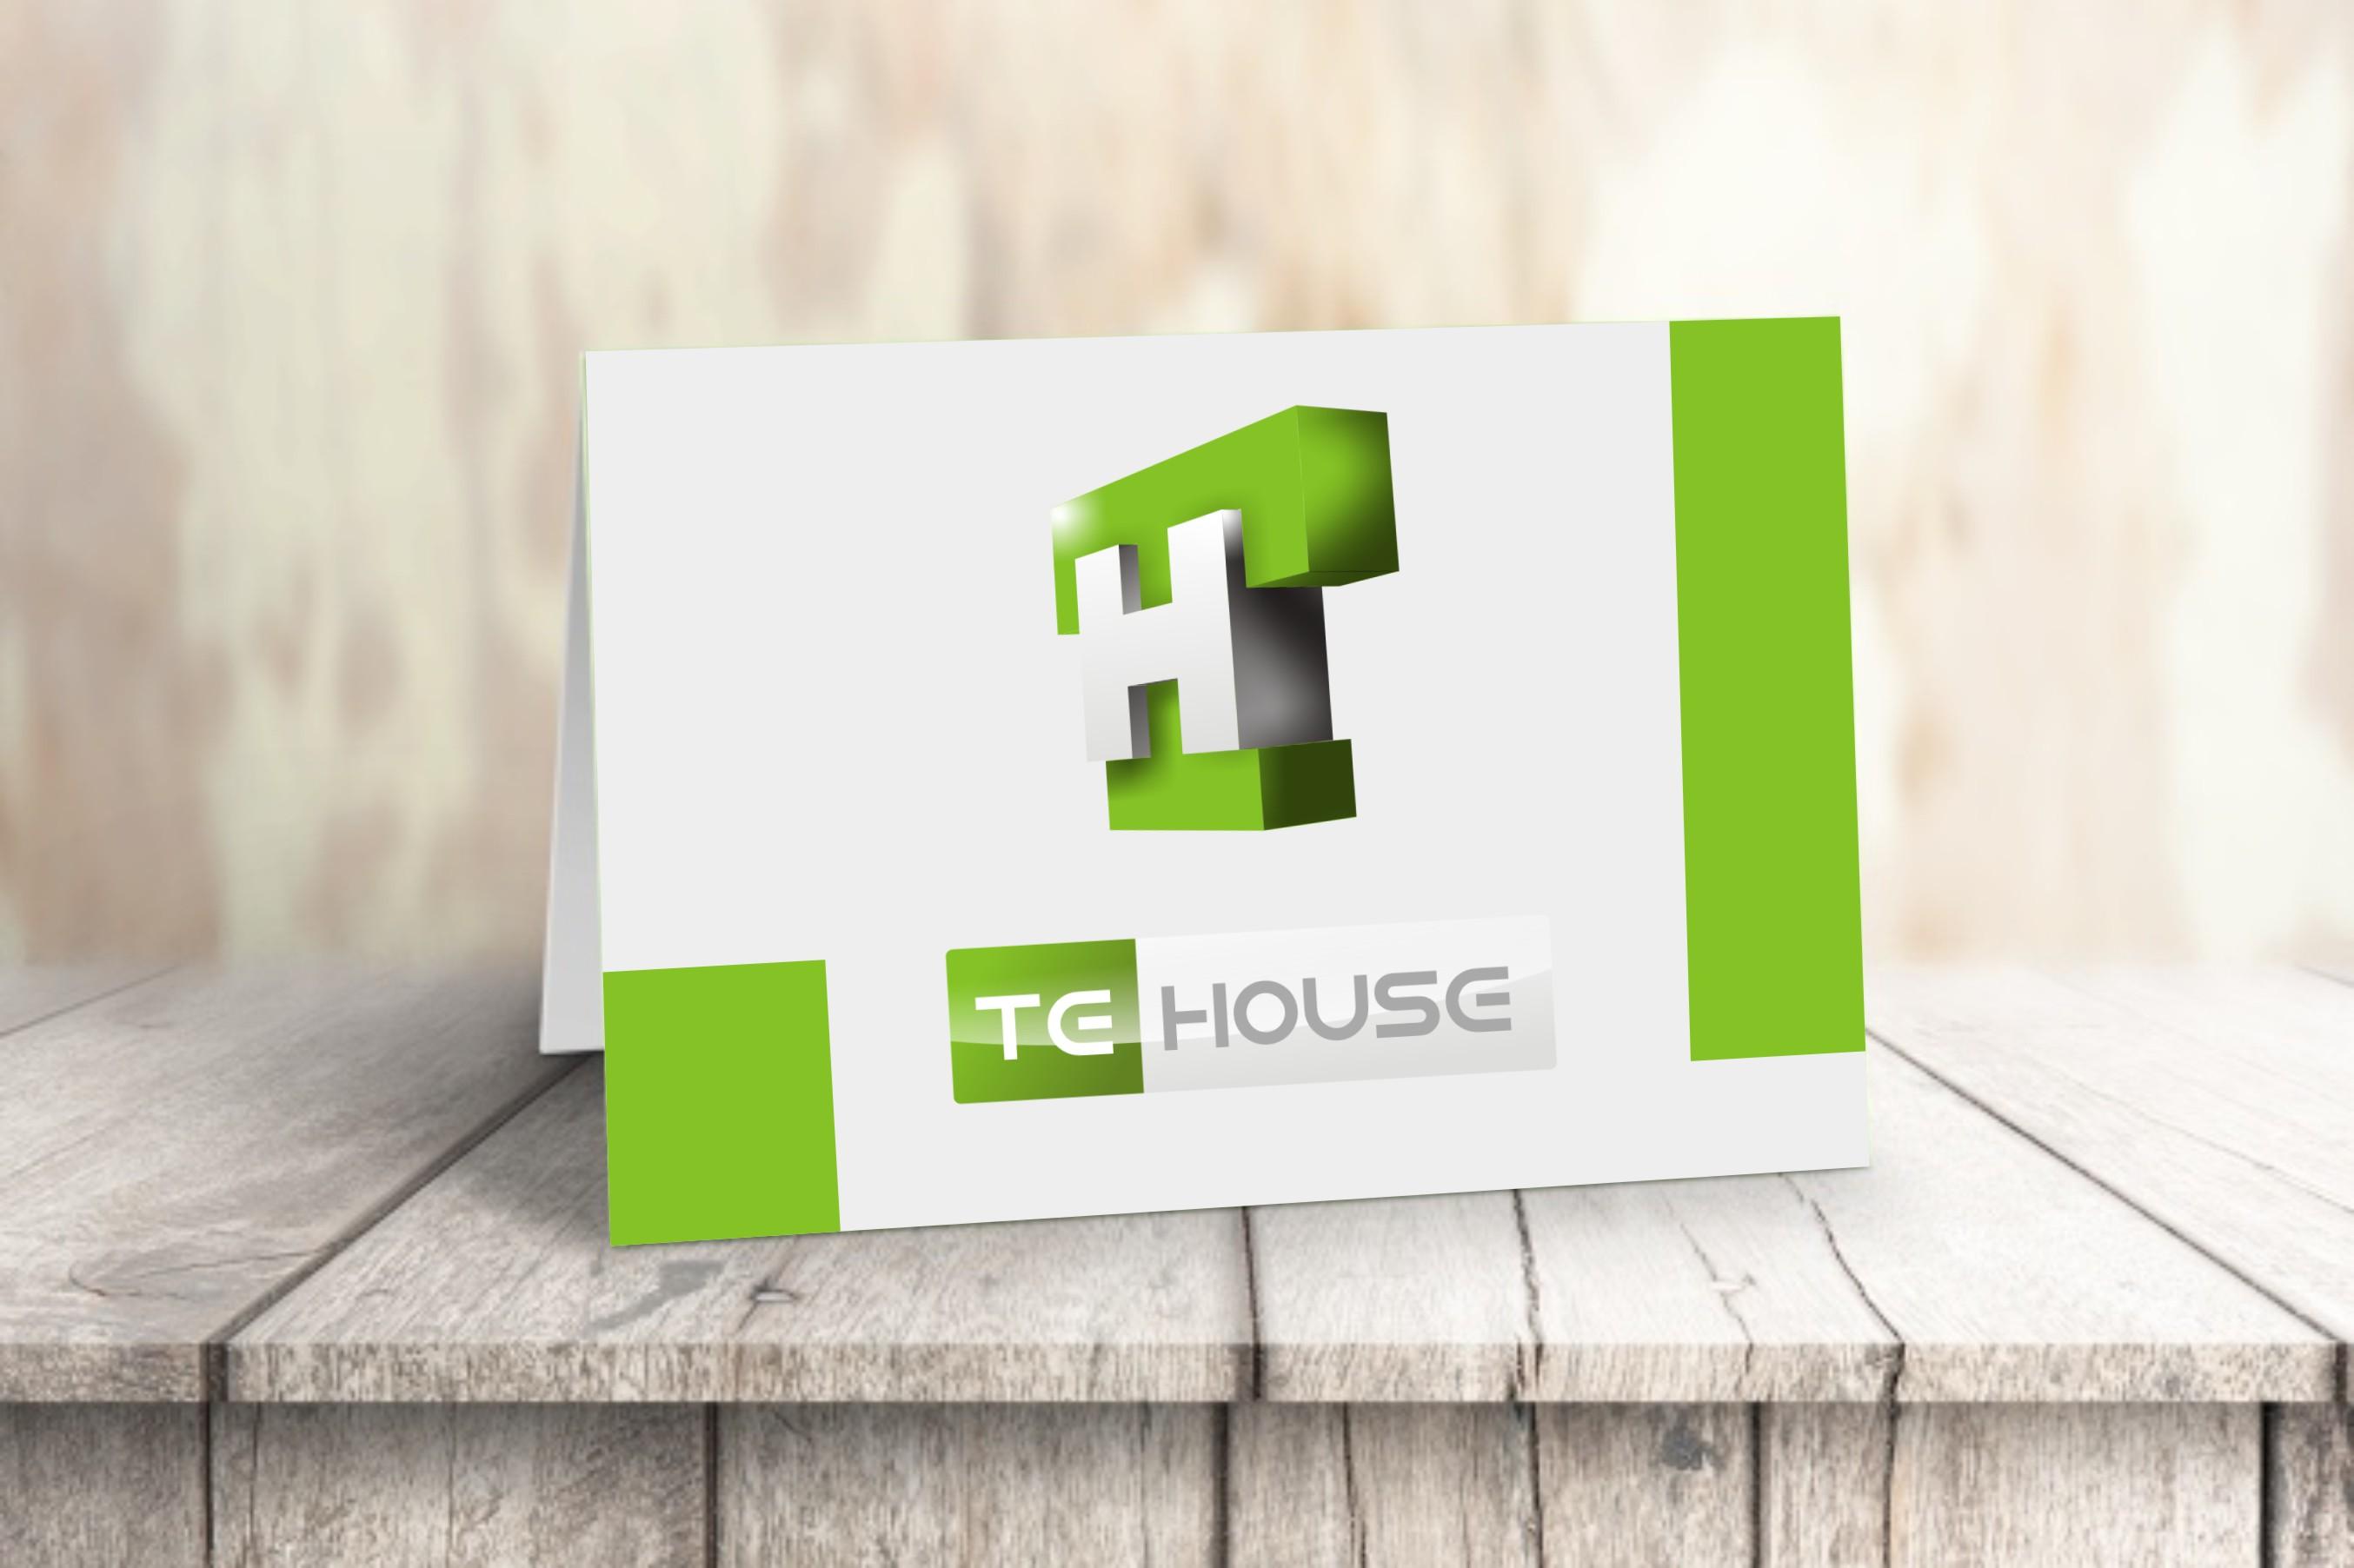 створення логотипу для інтернет магазину техніки